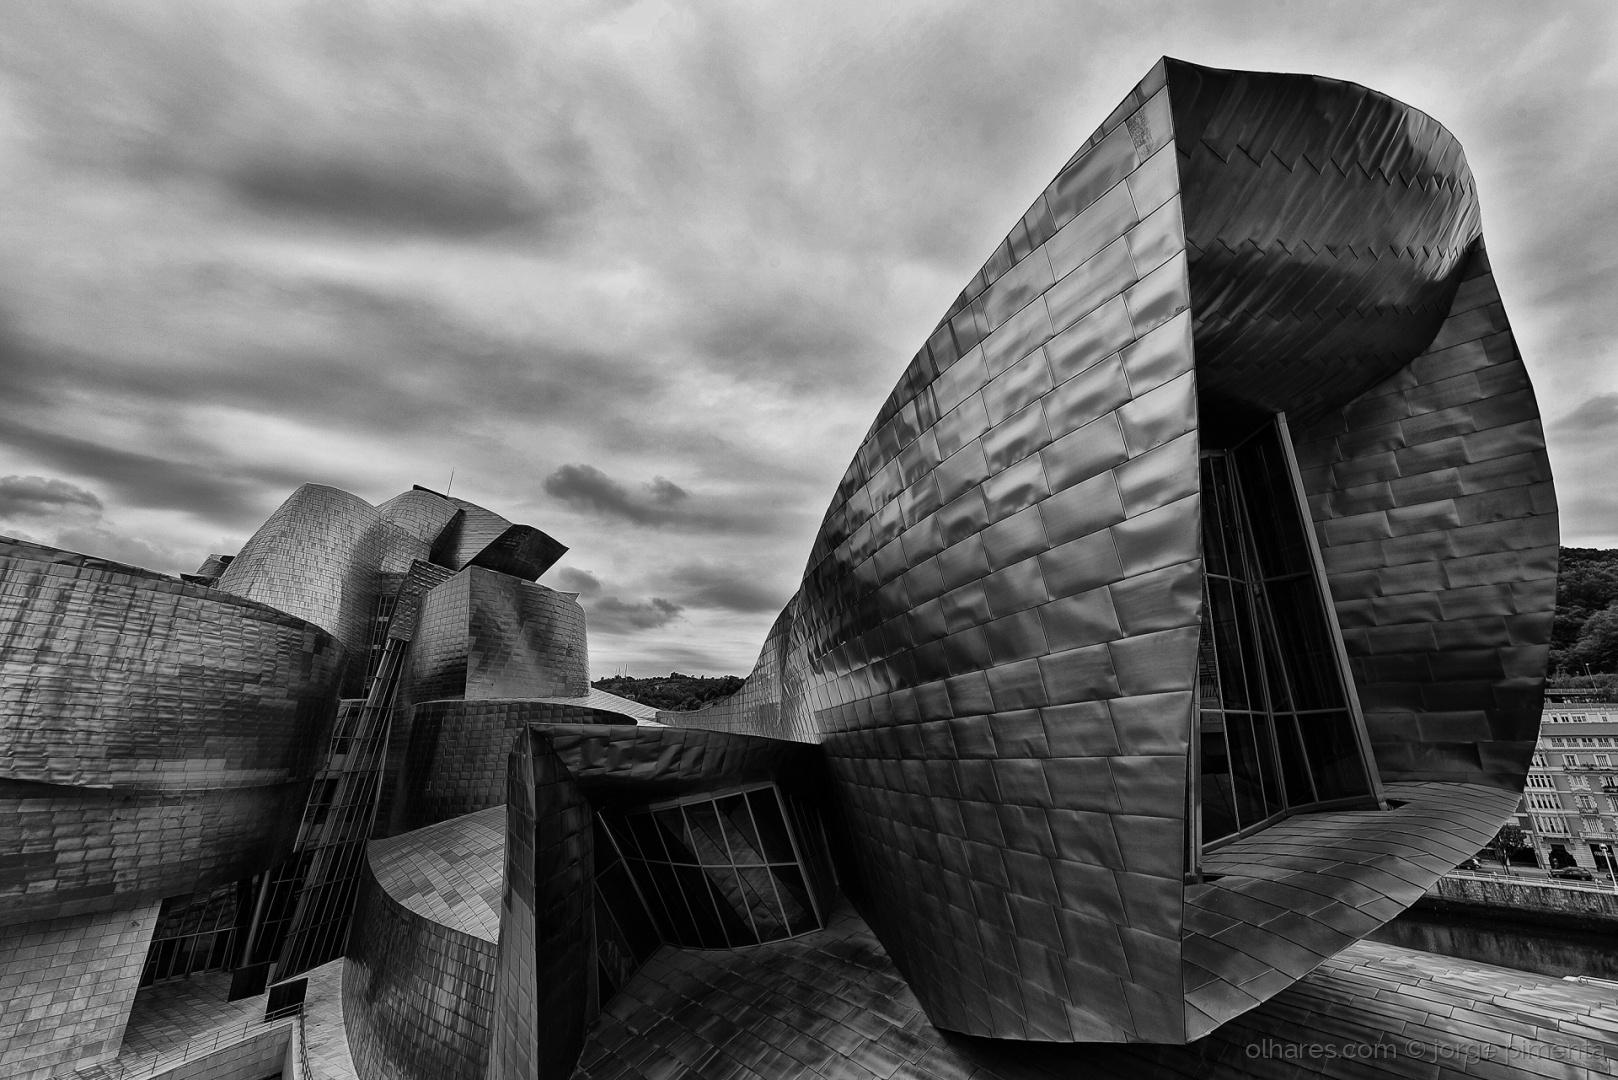 © jorge pimenta – Ode ao Guggenheim